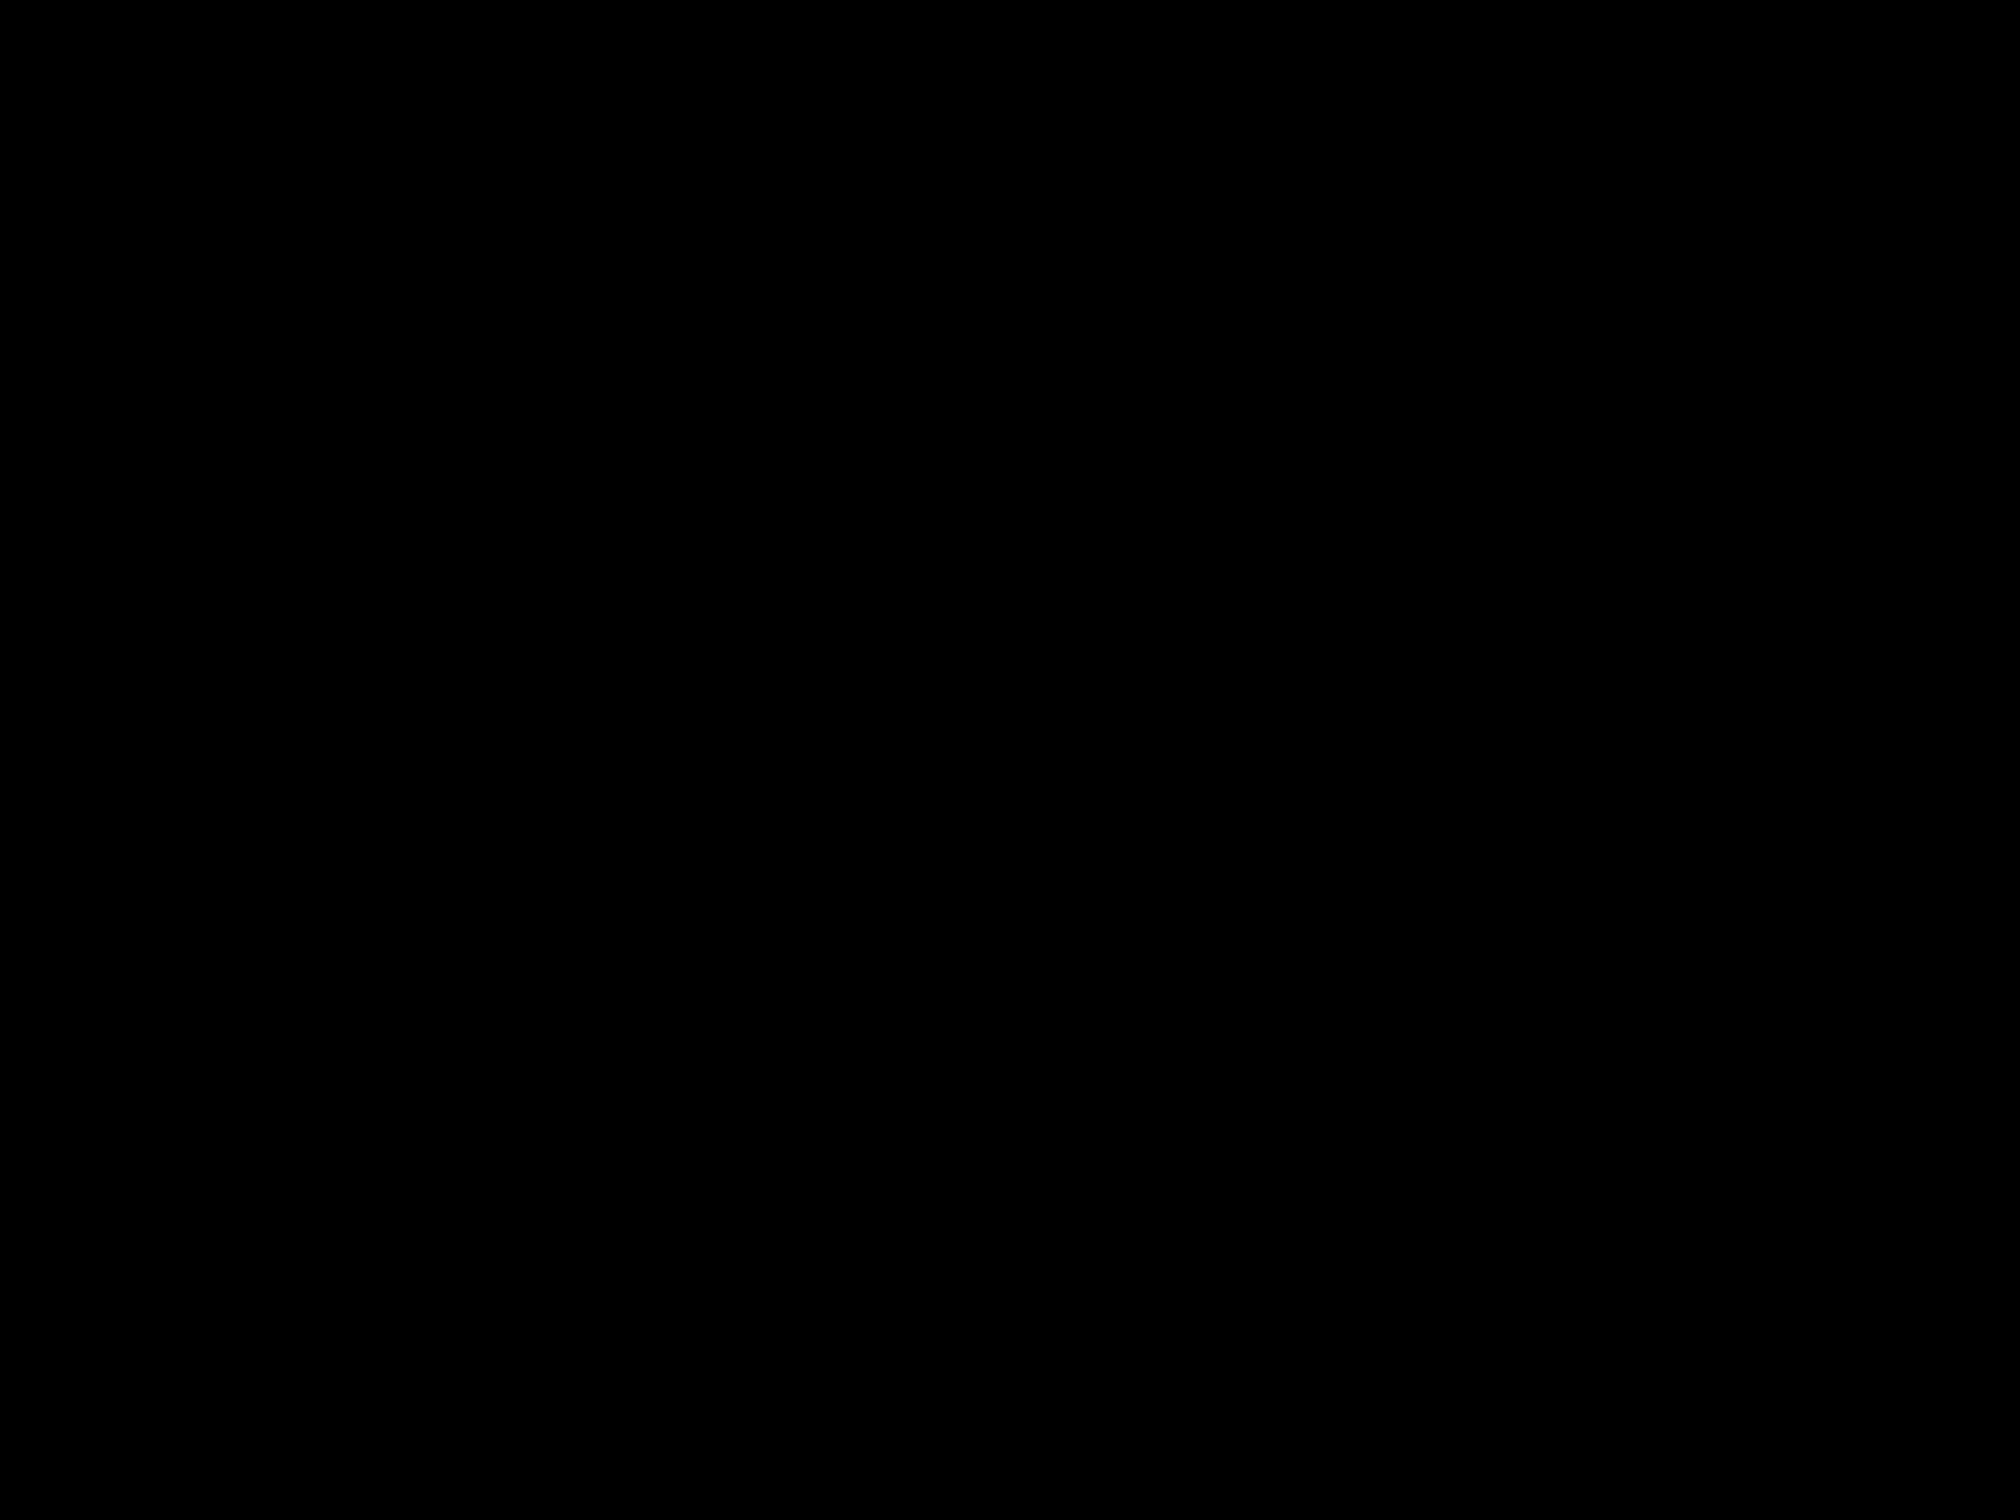 La calibración de depósitos